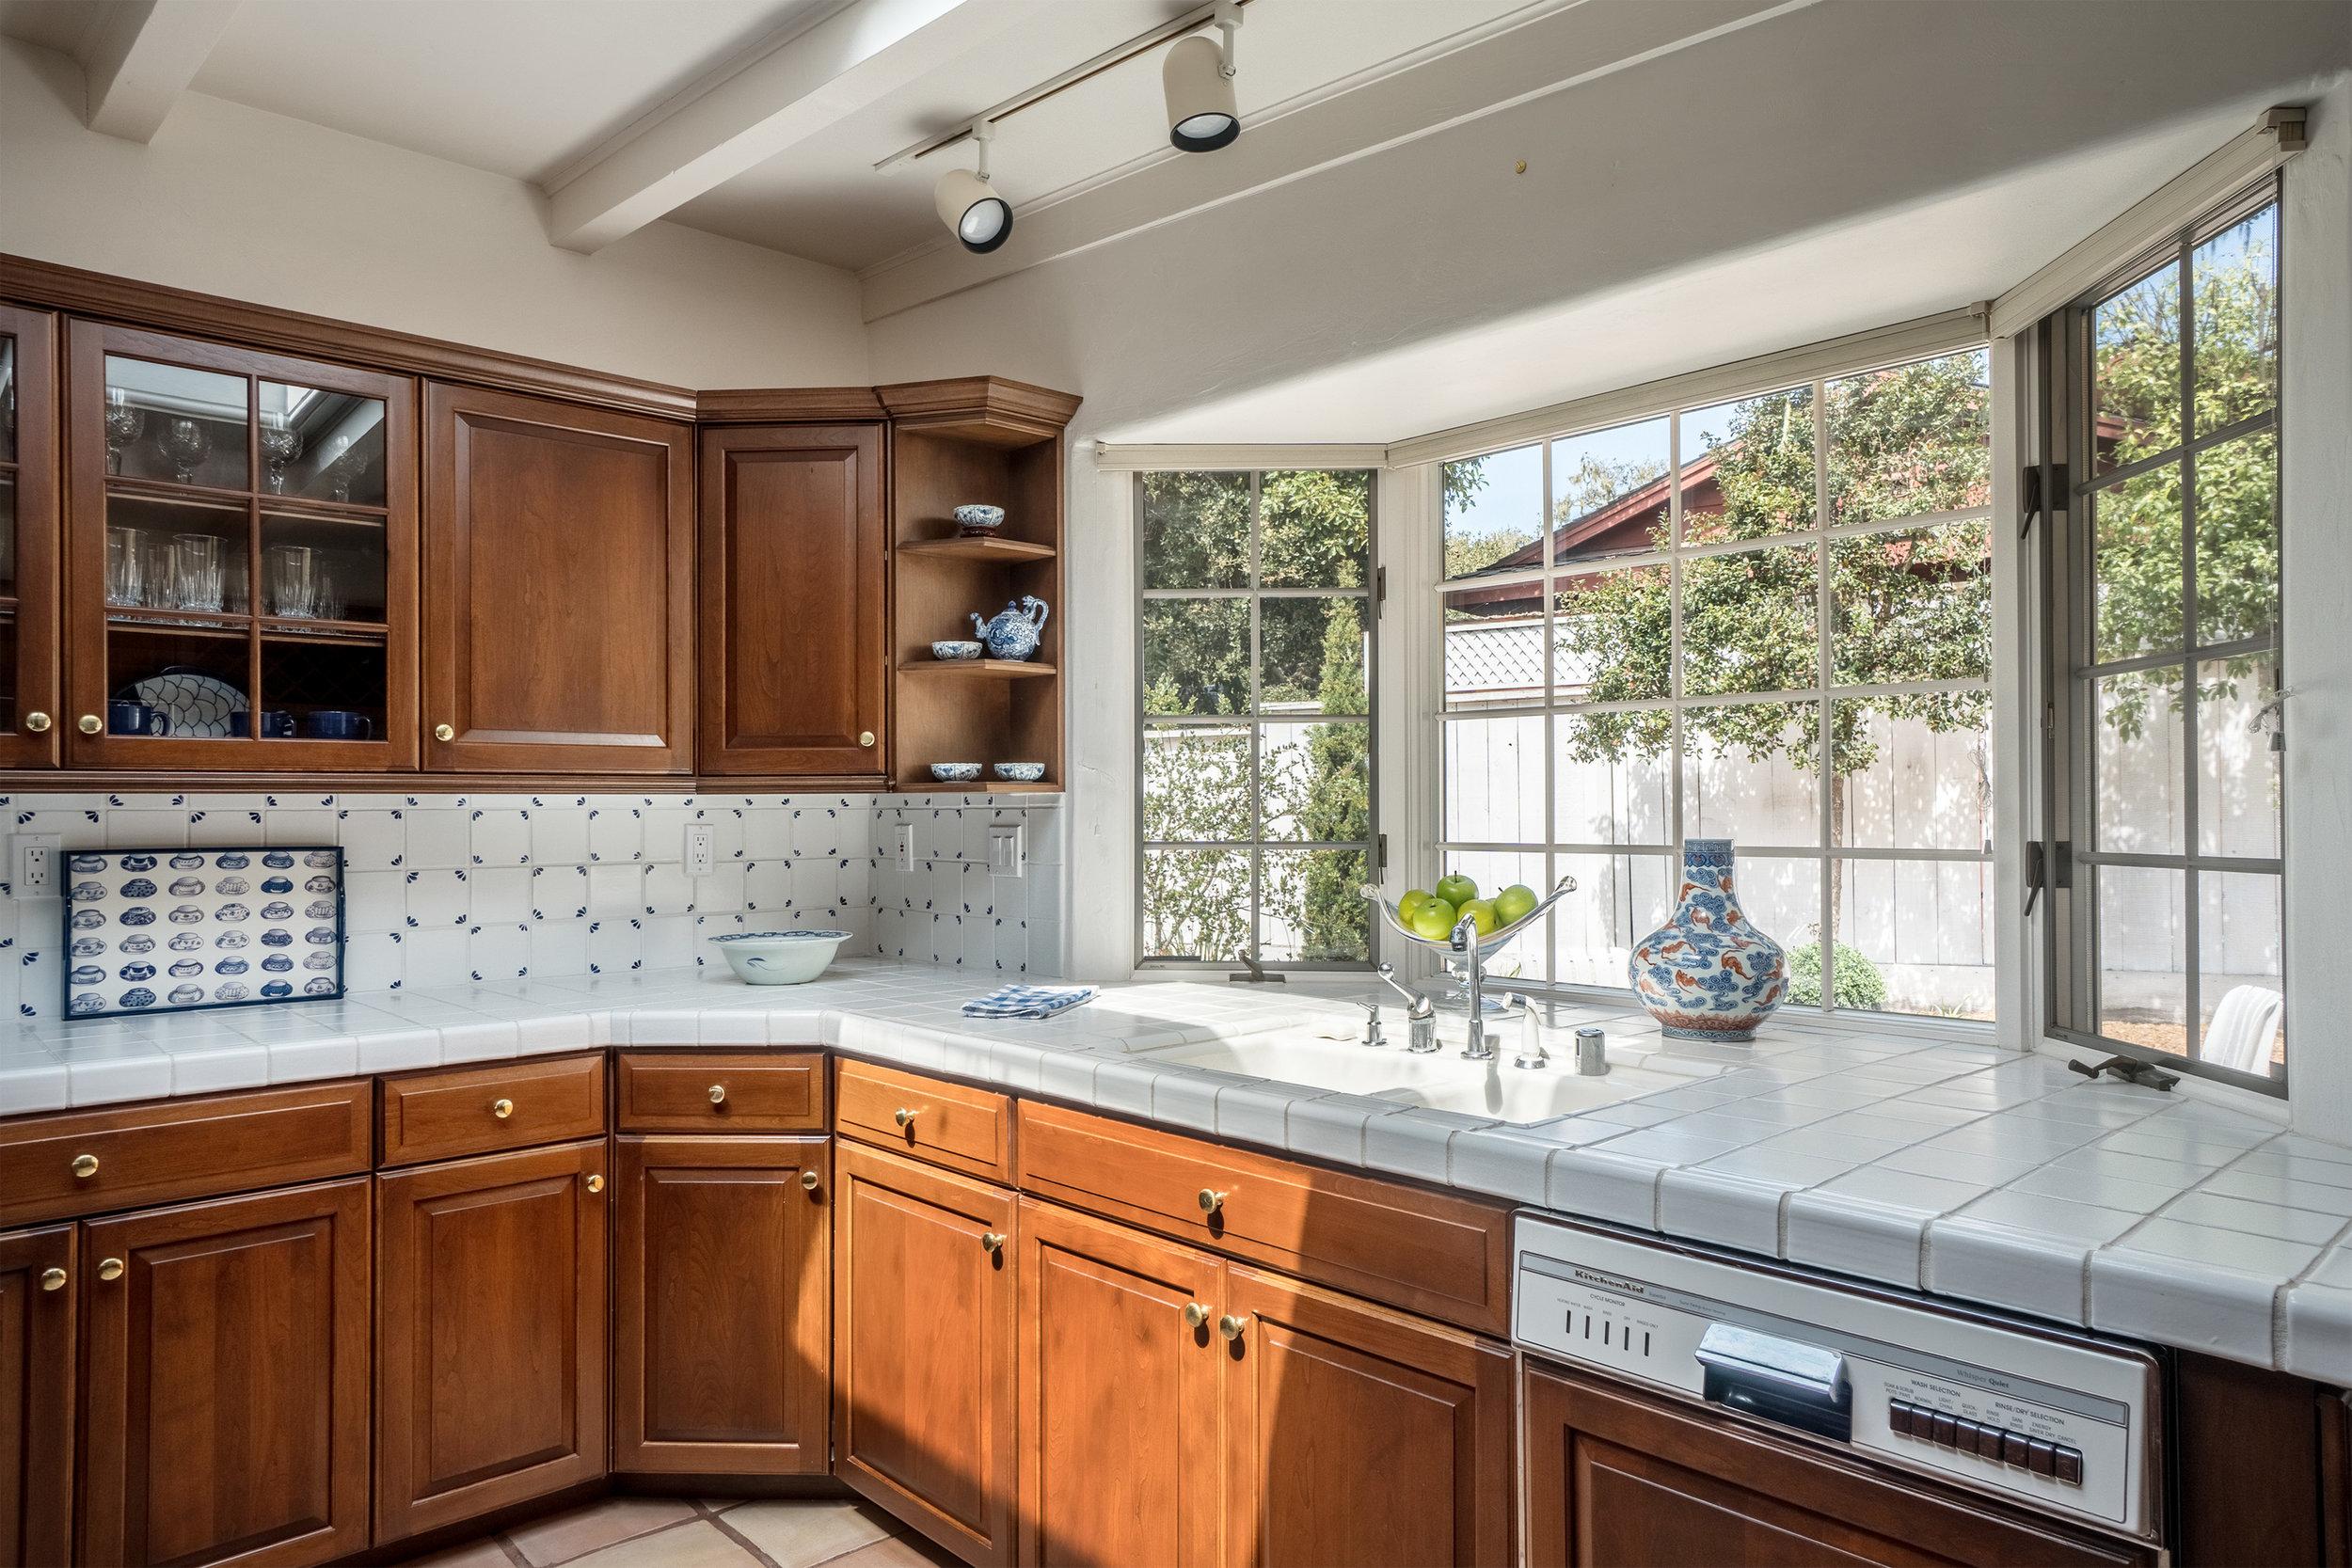 5 kitchen 2.jpg